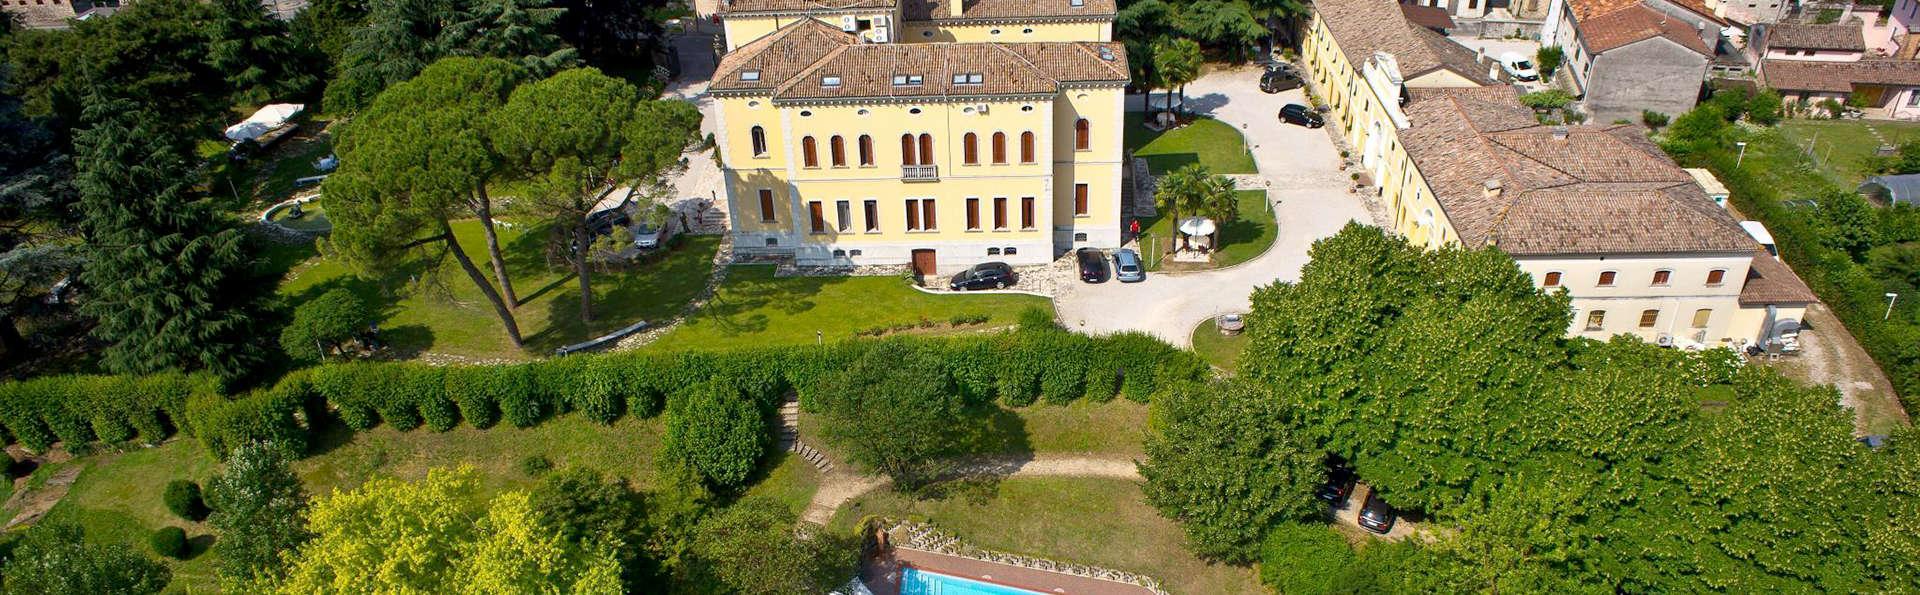 Hotel Villa Soligo - Edit_ViilaSoligo2.jpg